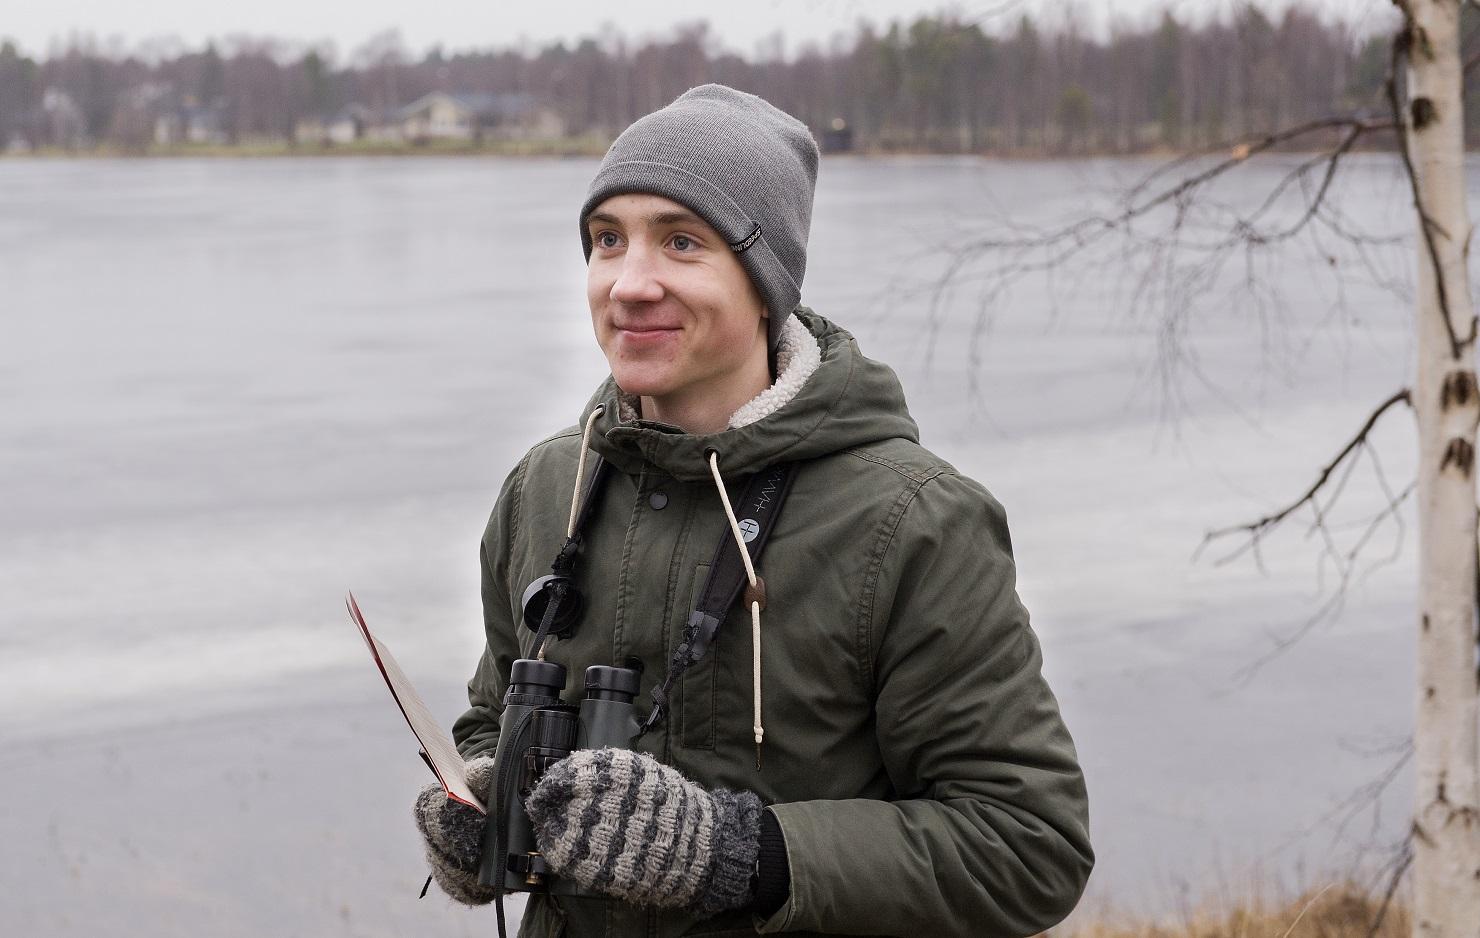 Vuoden 2020 nuori lintuharrastaja Akseli Myllyneva. Kuva: Jyrki Mäkelä